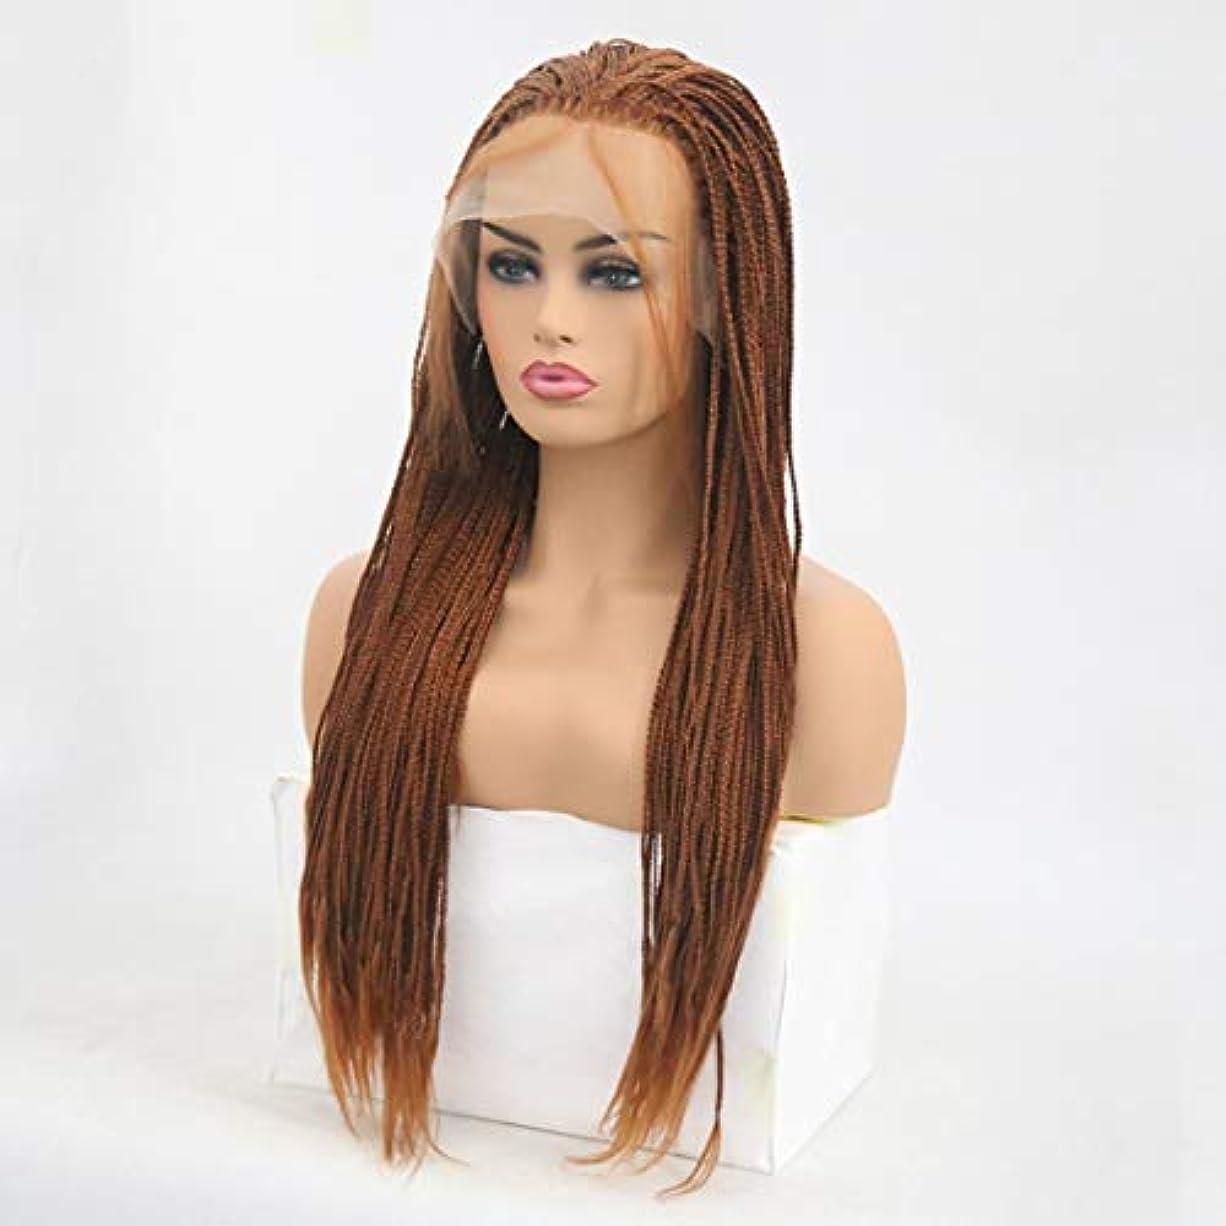 ペインティングドロップ領事館Summerys 女性のための前髪の髪のかつらで絹のような長いストレート黒かつら耐熱合成かつら (Size : 24 inches)